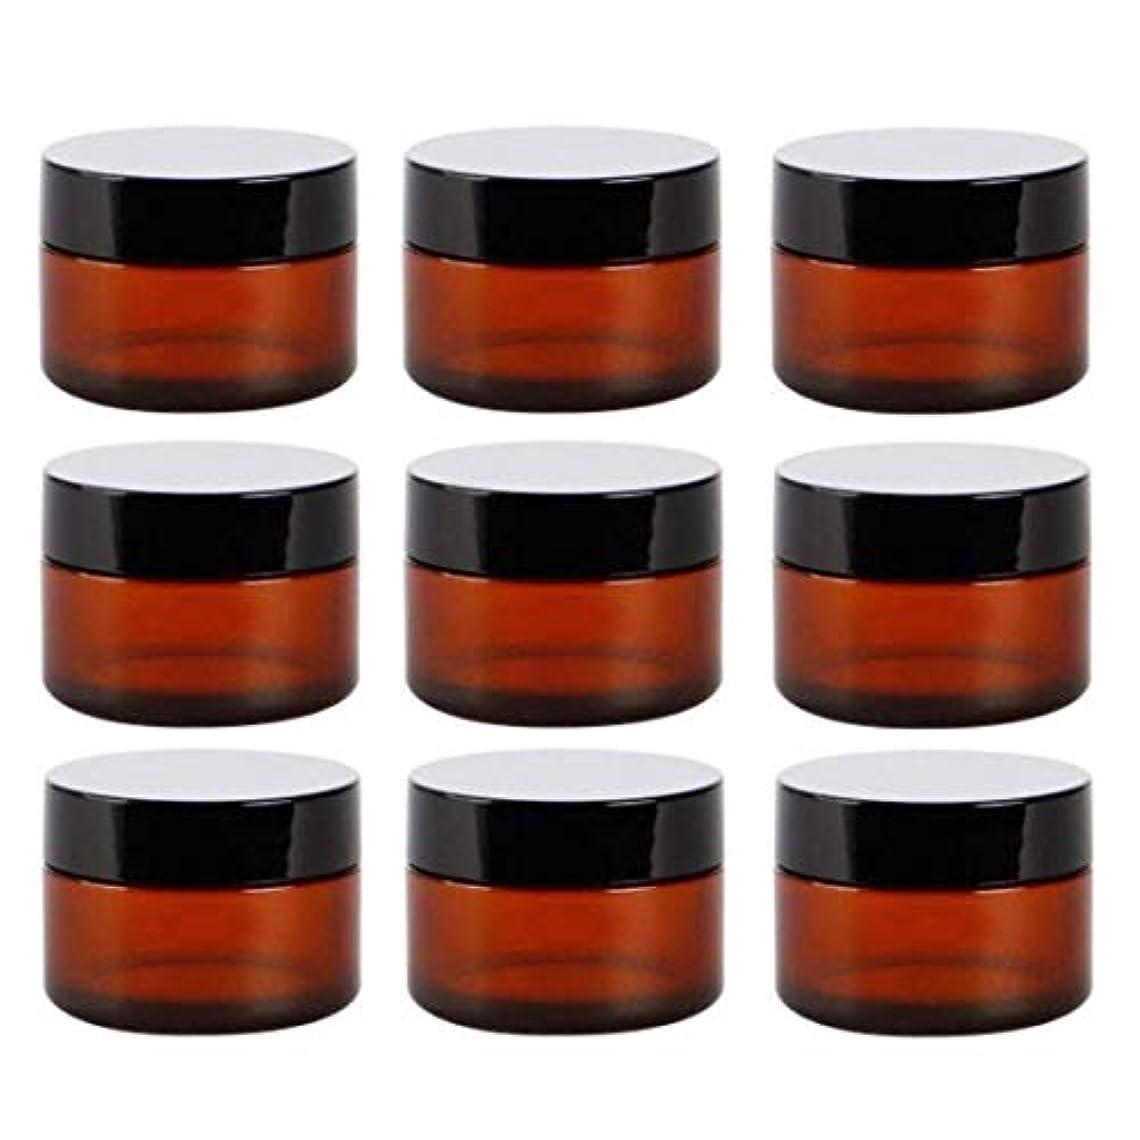 解明制裁涙が出るアロマオイル 精油 香水やアロマの保存 小分け用 遮光瓶 詰替え ガラス製 9本セット茶色10g